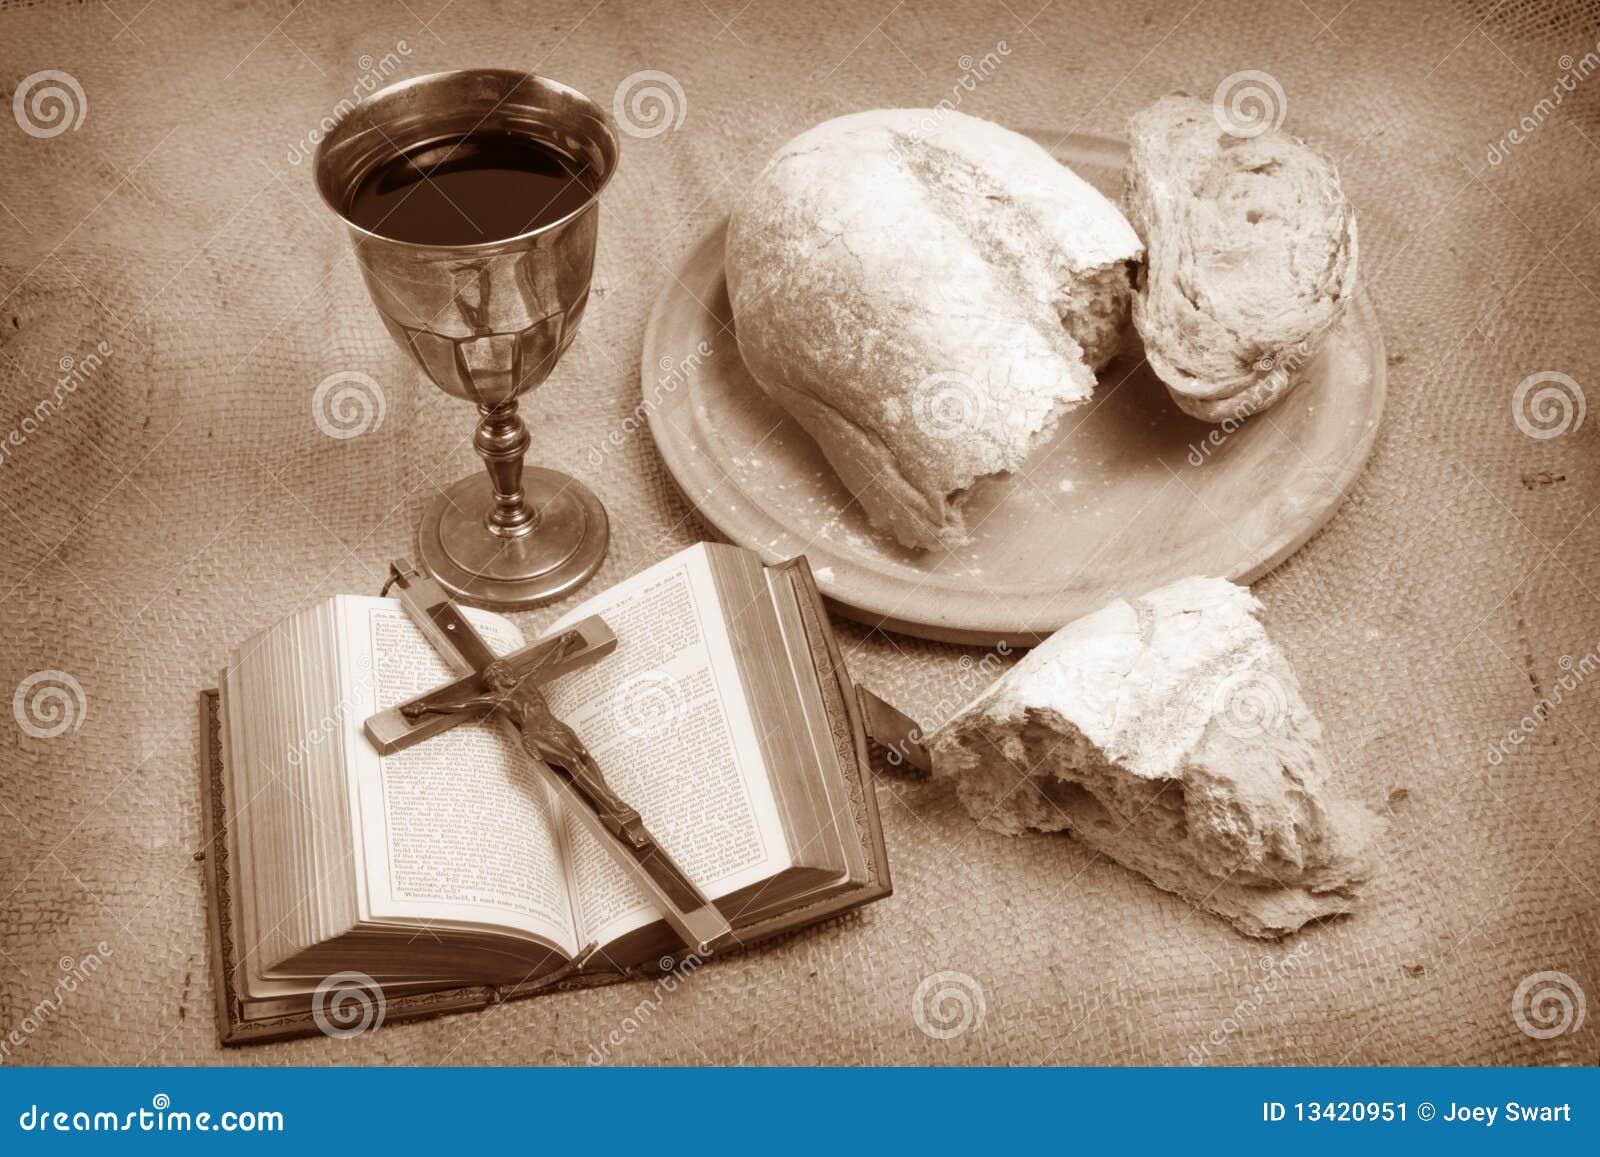 heilige kommunion stockbild bild von katholisch gold 13420951. Black Bedroom Furniture Sets. Home Design Ideas